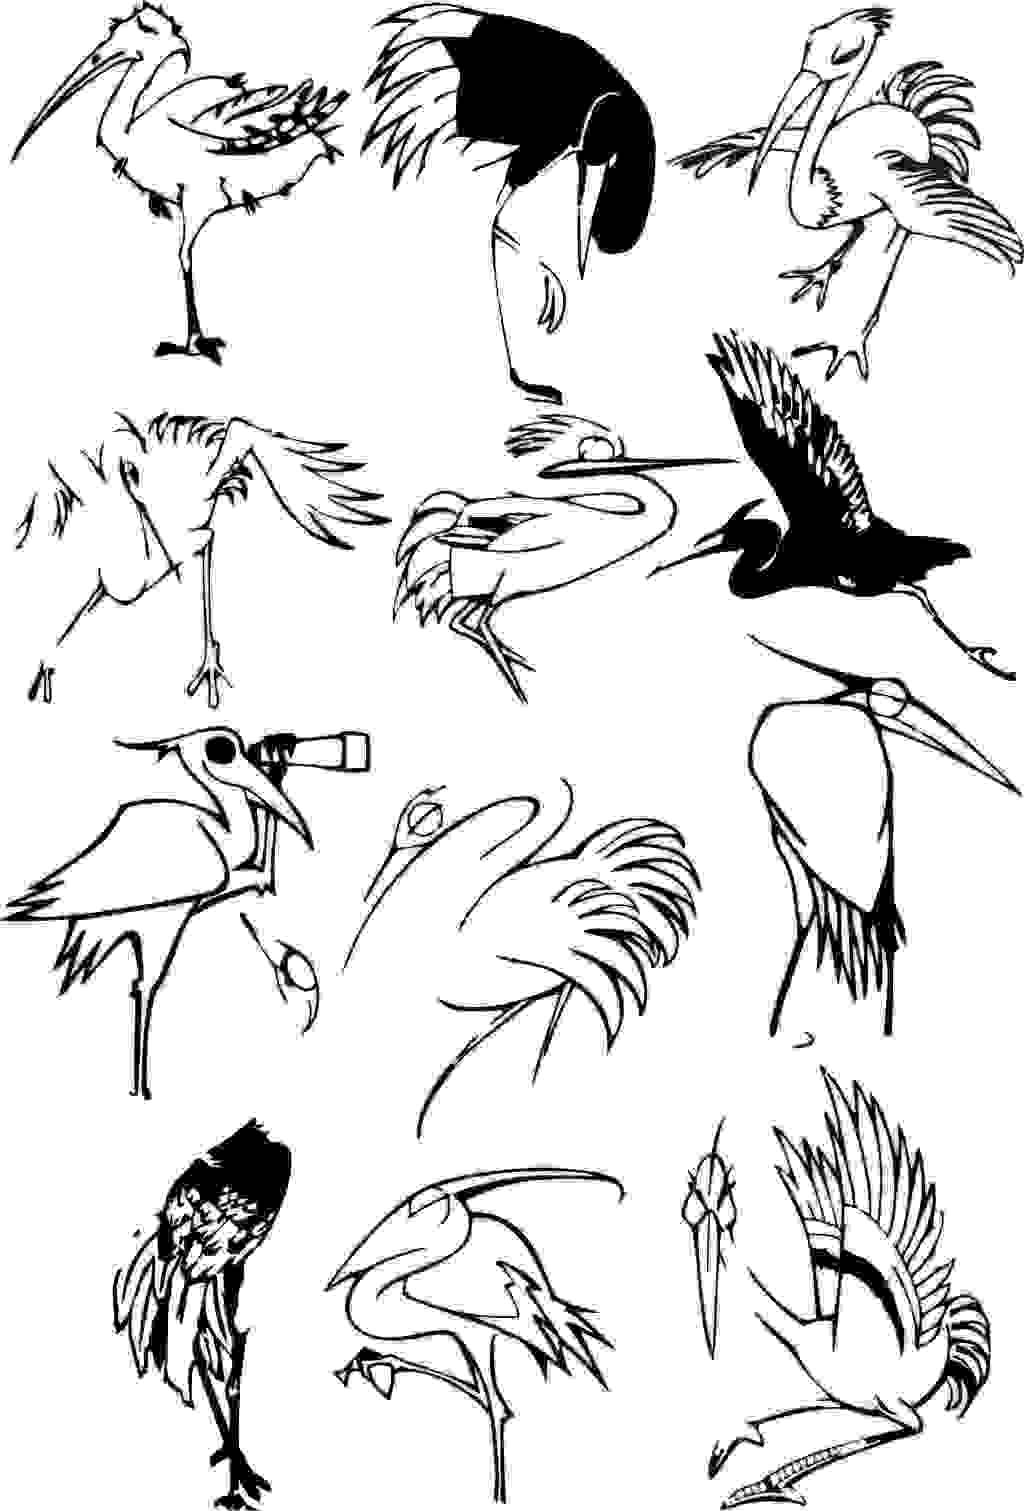 小鸟手绘黑白线稿设计